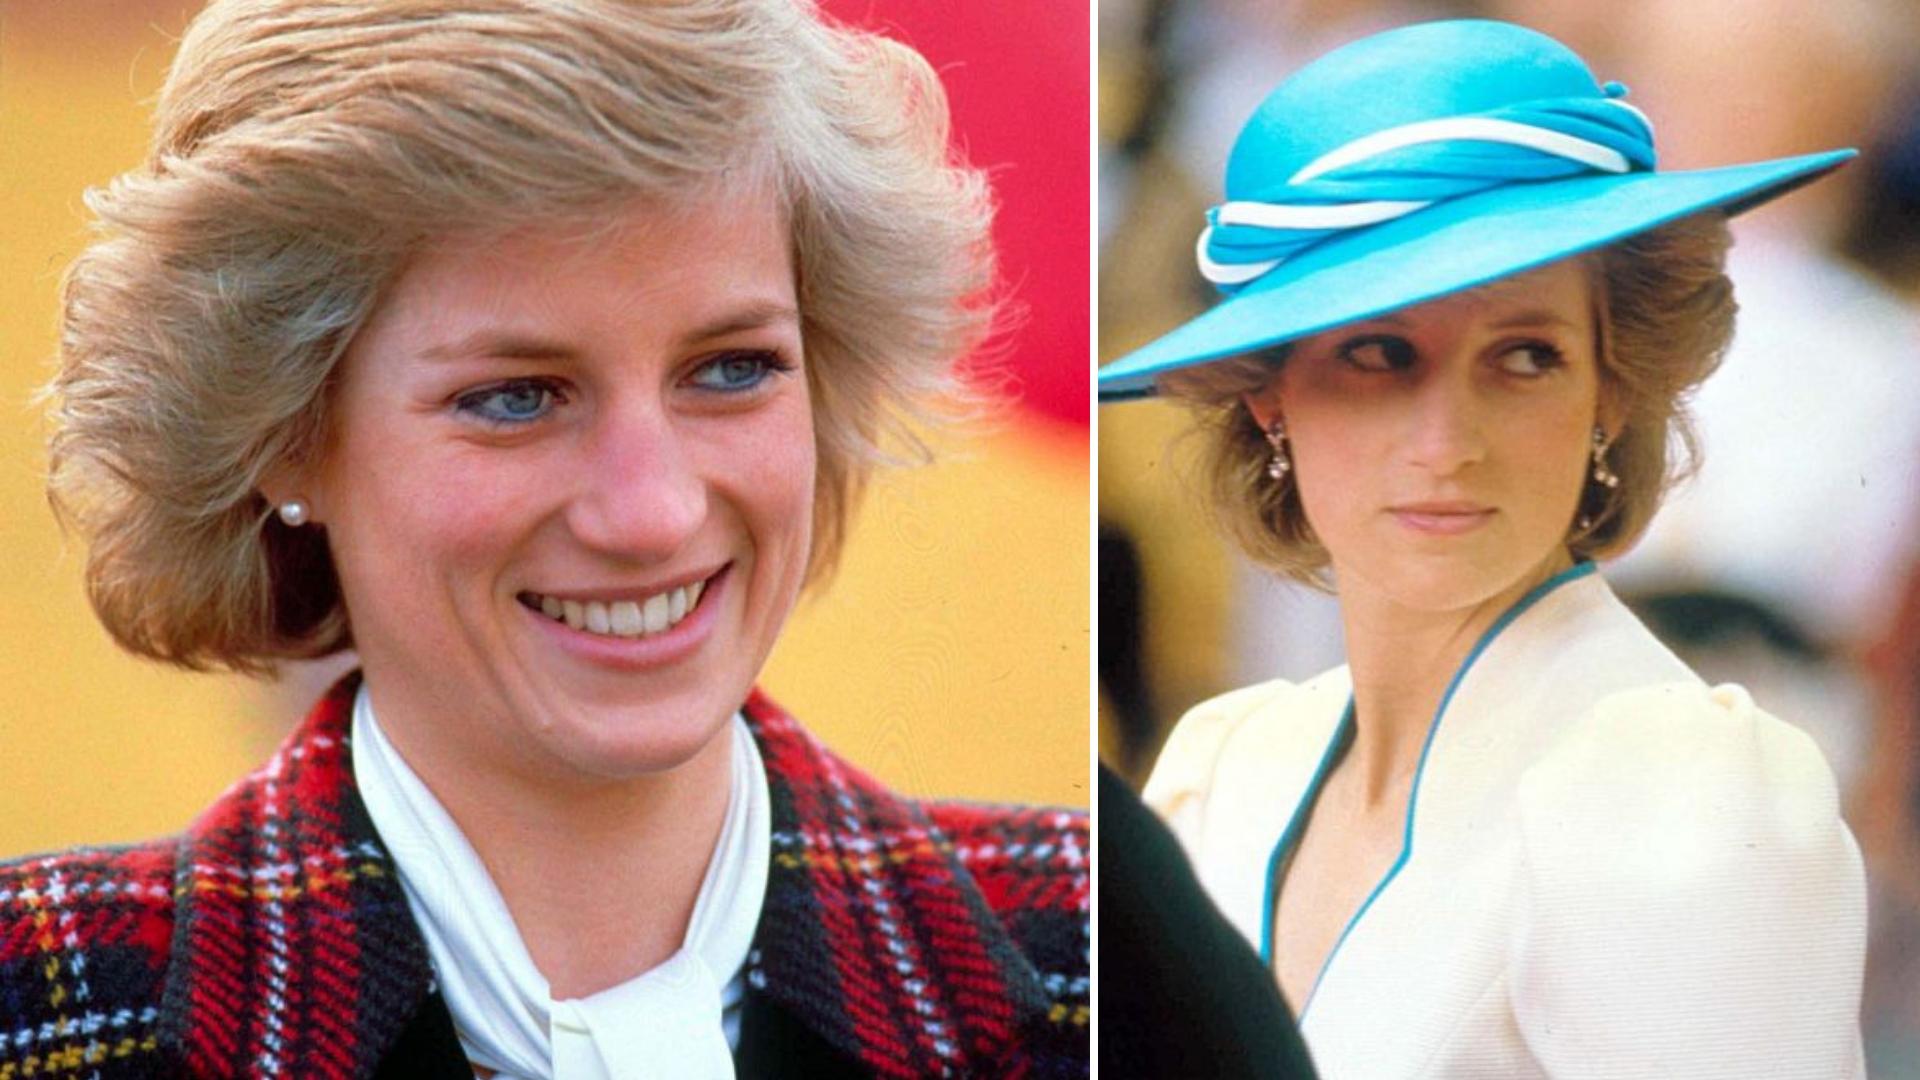 Księżna Diana miała CÓRECZKĘ? To było jej pierwsze dziecko?